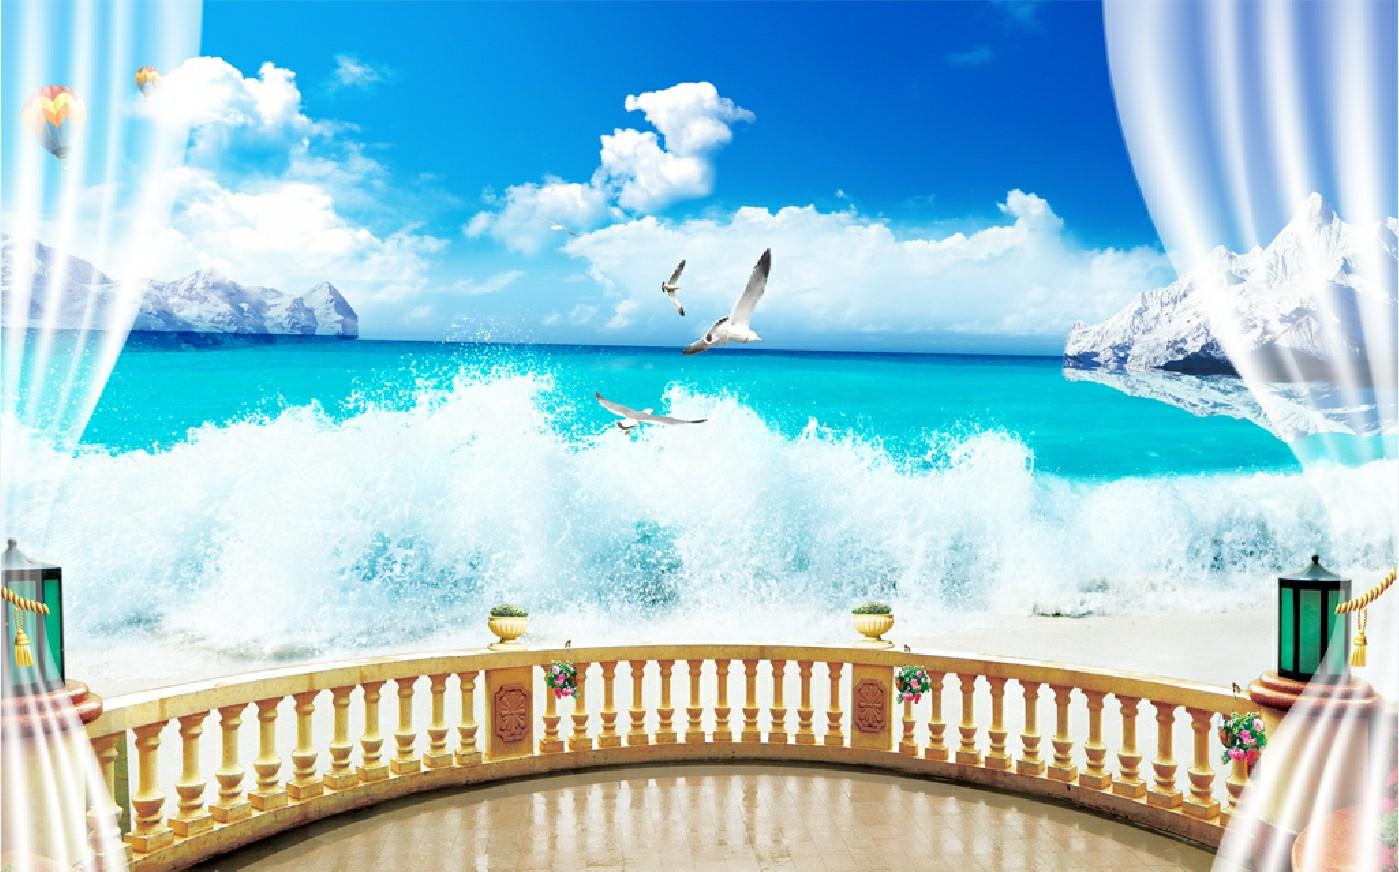 Tranh Phong Cảnh Biển - 11139